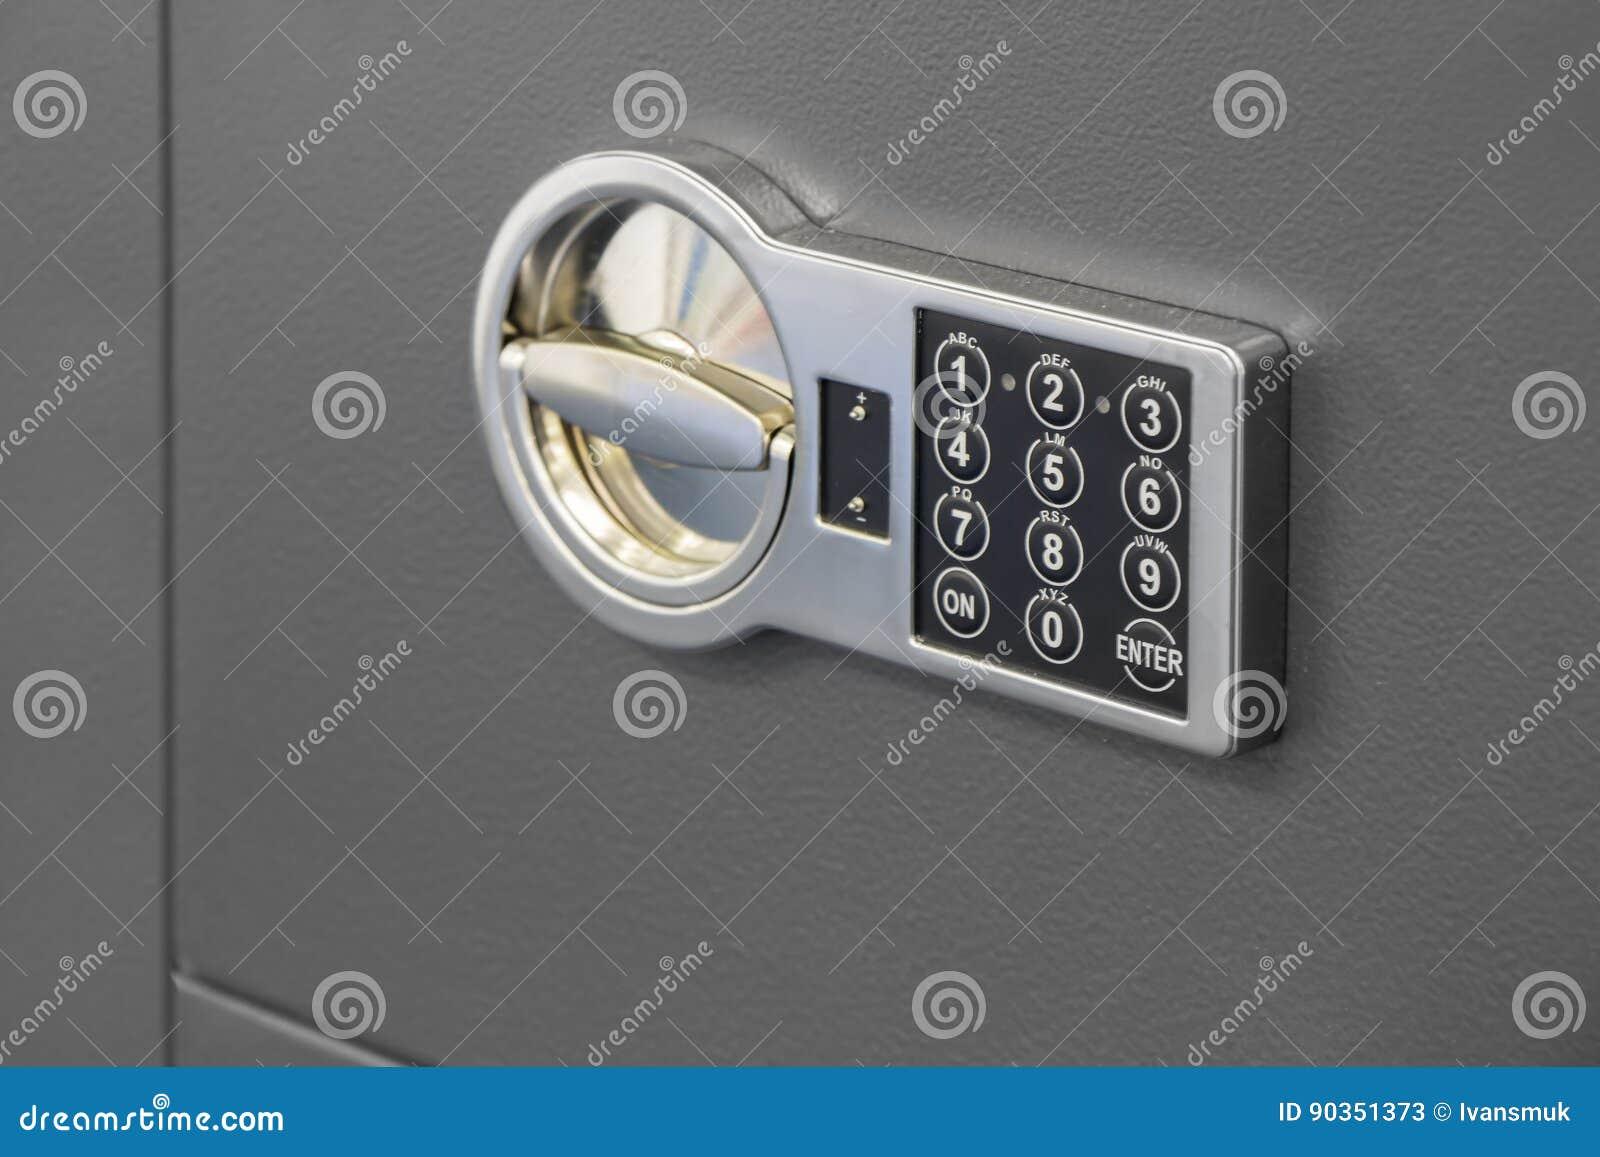 Digital säker låskod på ett kassaskåp